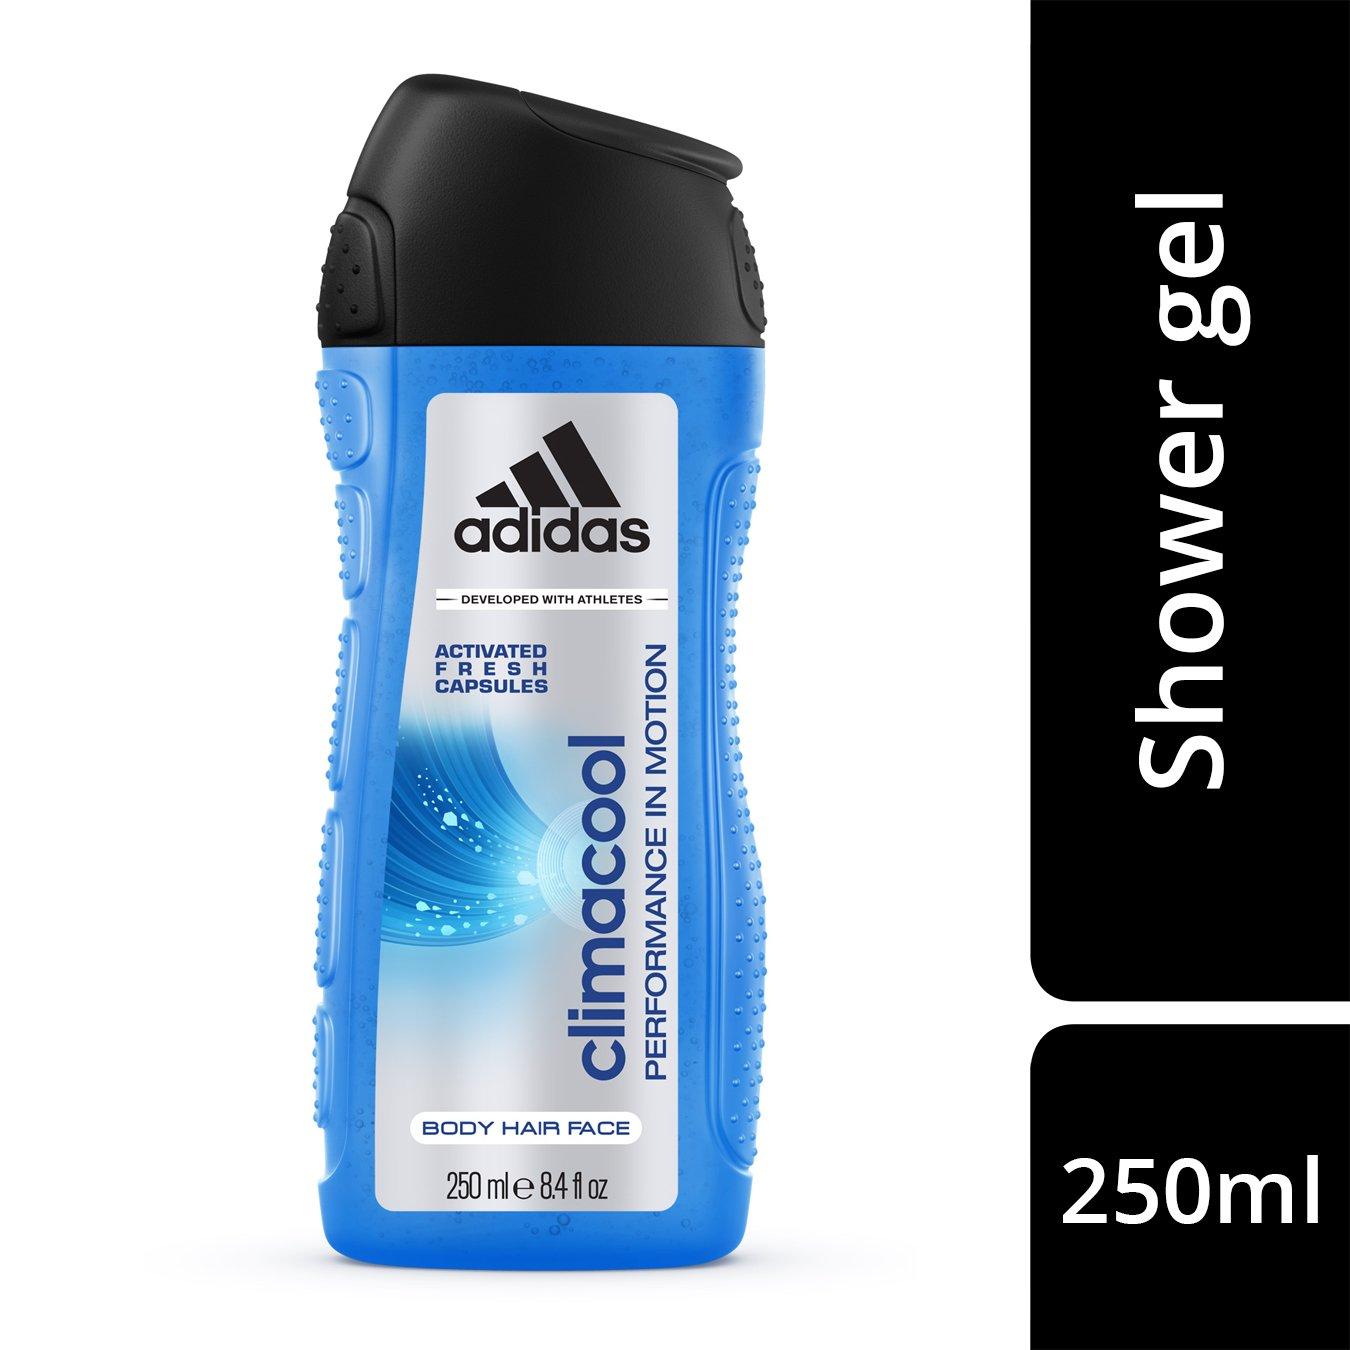 adidas climacool shower gel